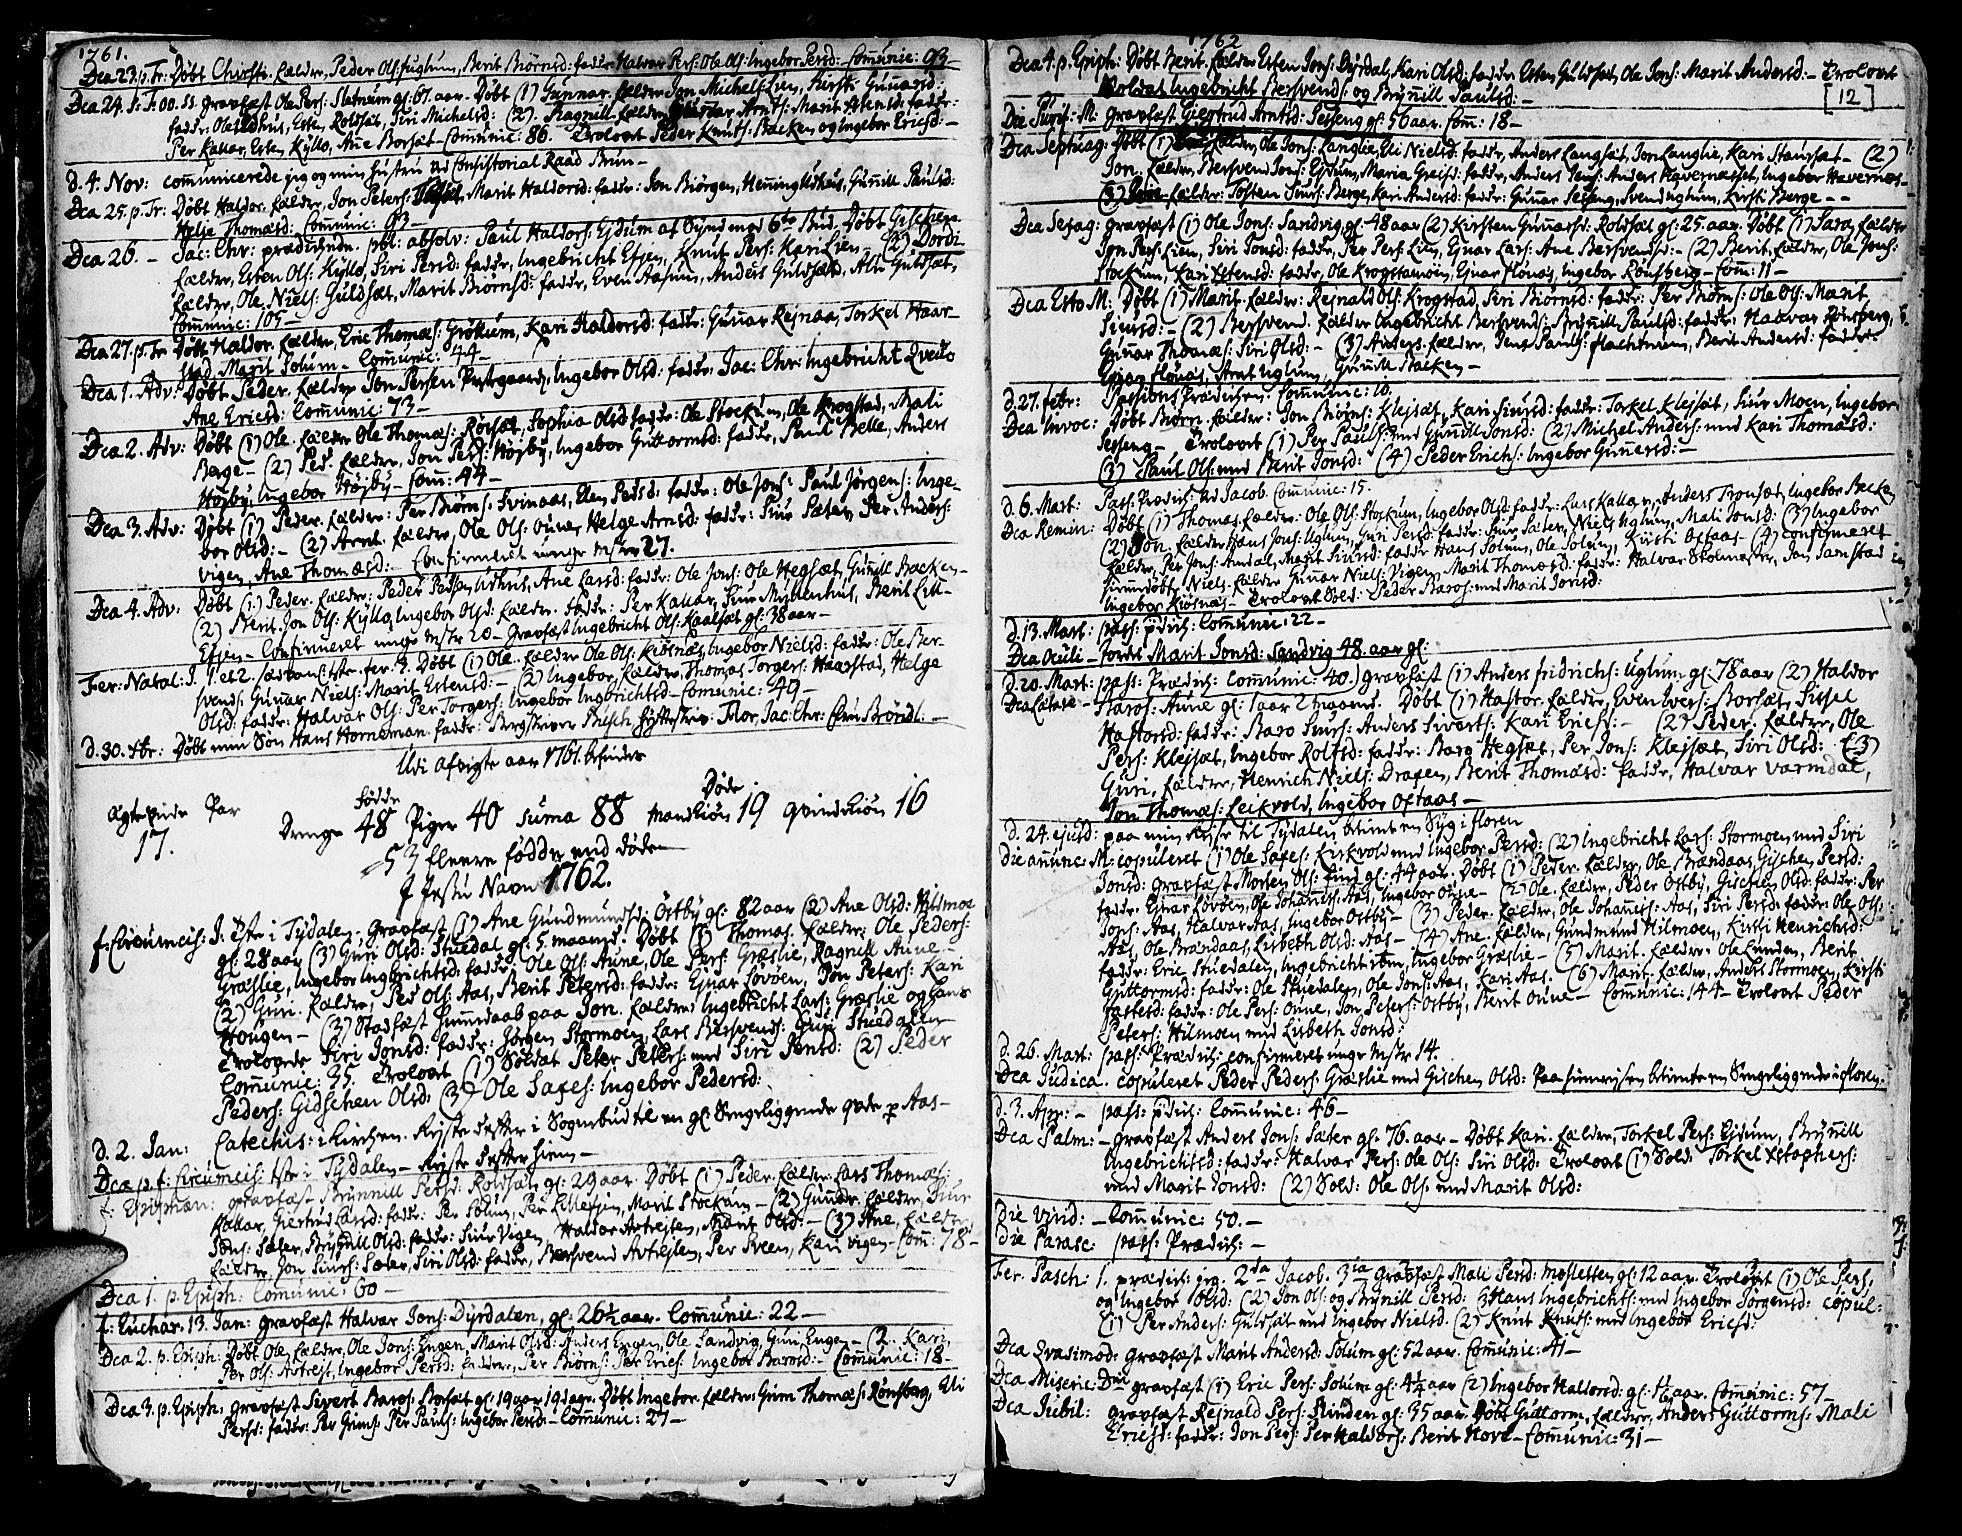 SAT, Ministerialprotokoller, klokkerbøker og fødselsregistre - Sør-Trøndelag, 695/L1138: Ministerialbok nr. 695A02 /1, 1757-1801, s. 12